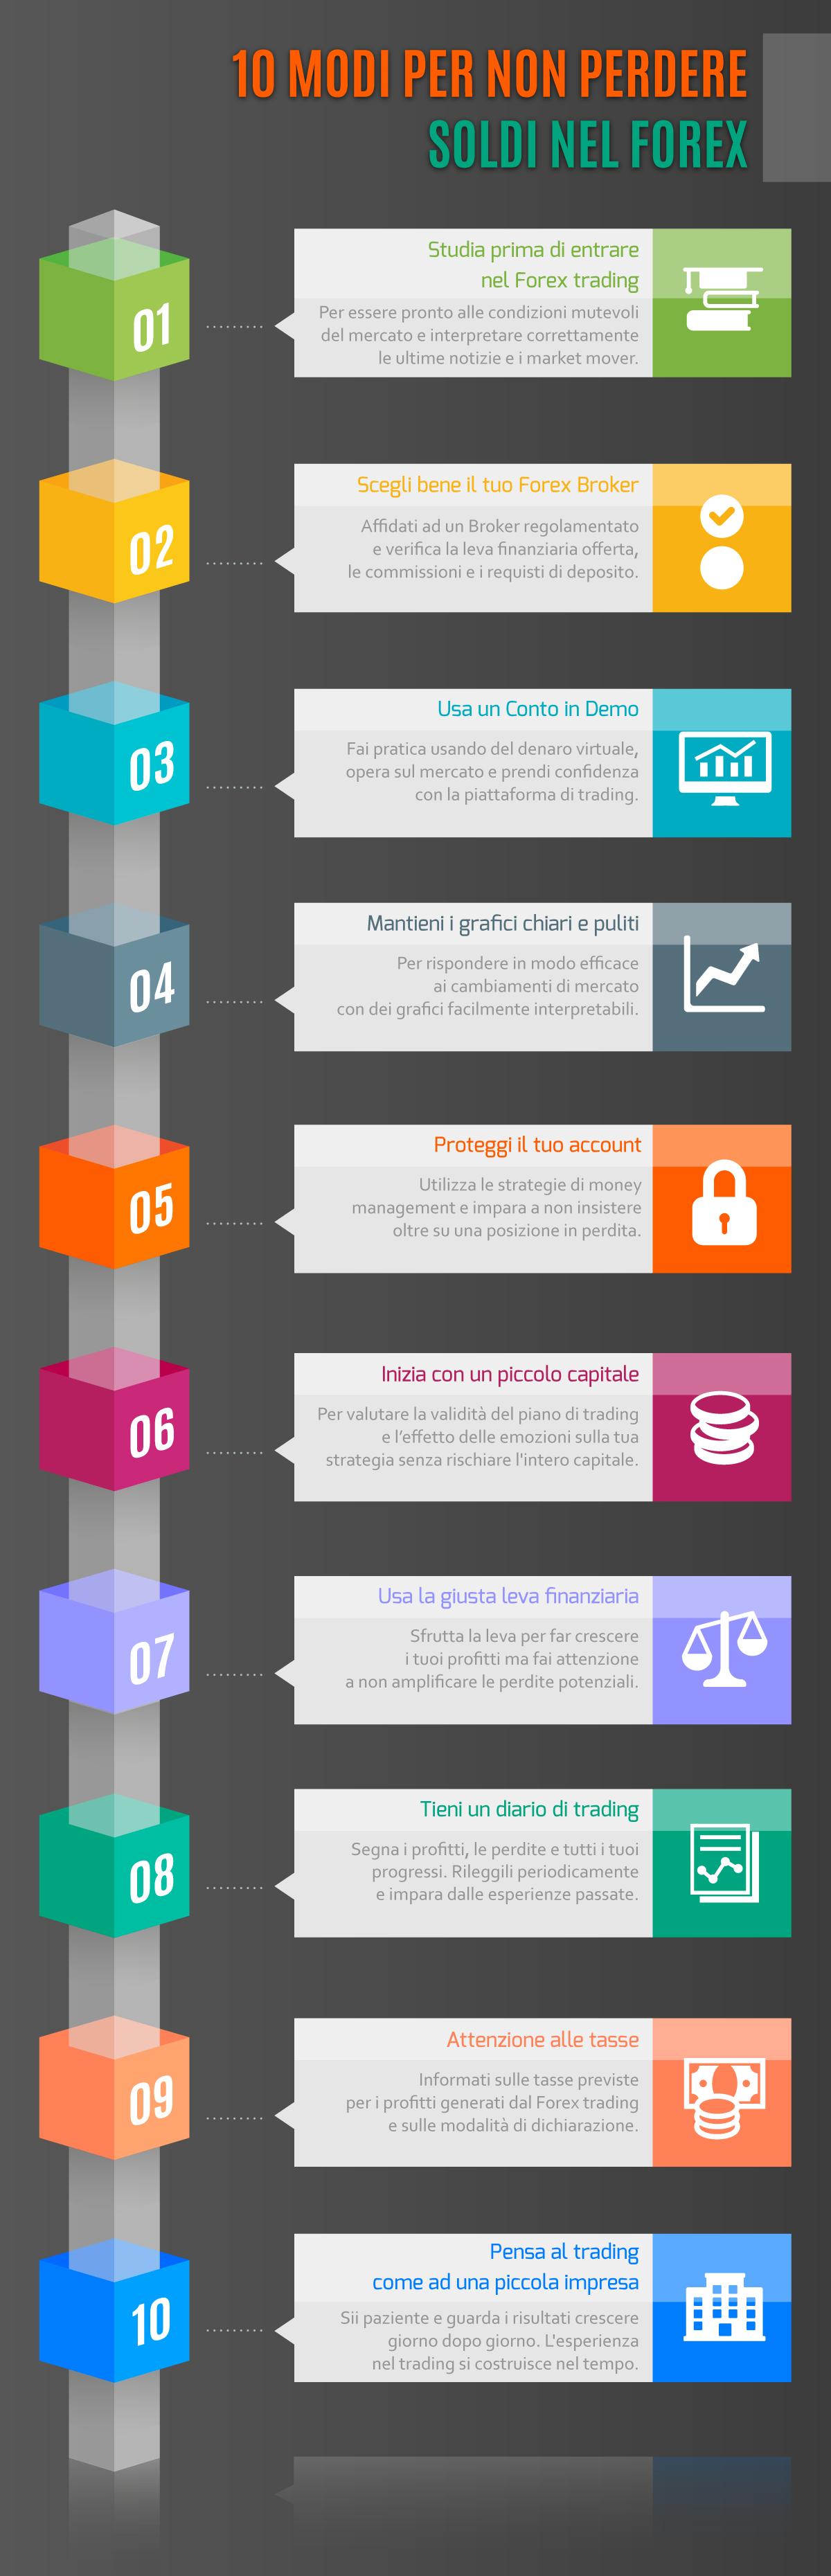 Forex: 10 consigli per non perdere soldi